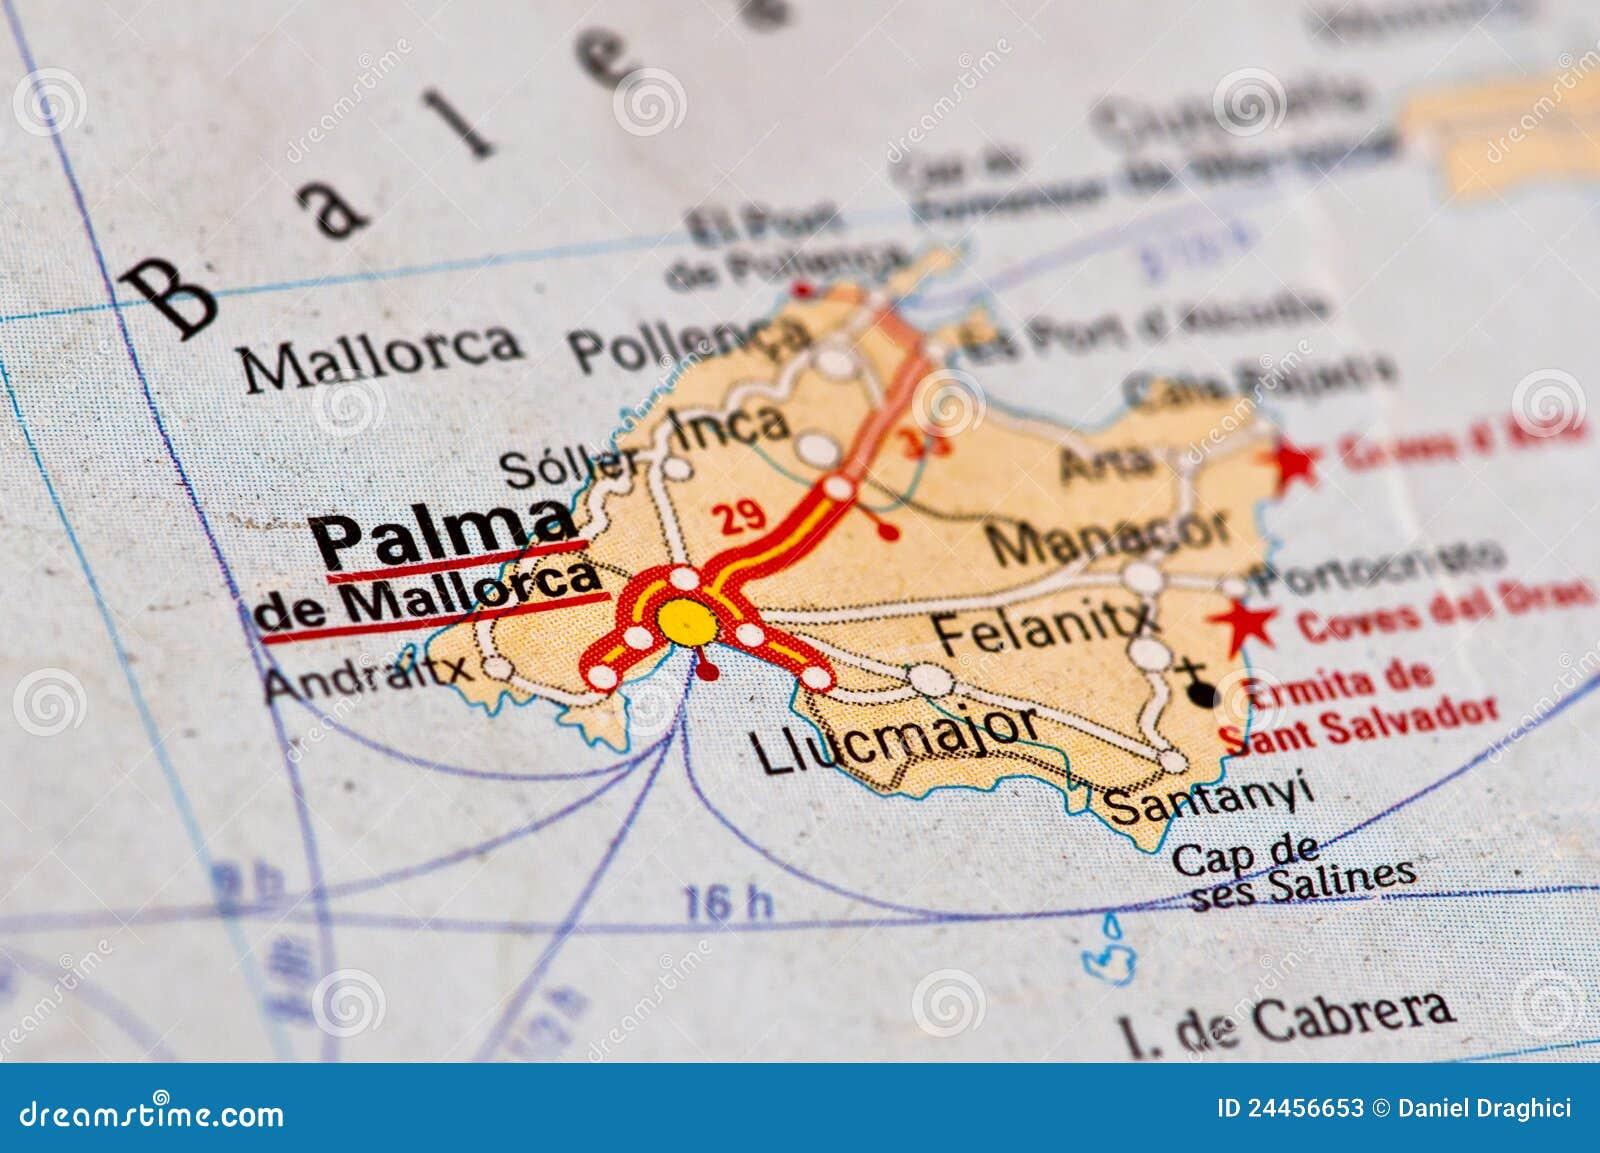 Console de Palma de Mallorca